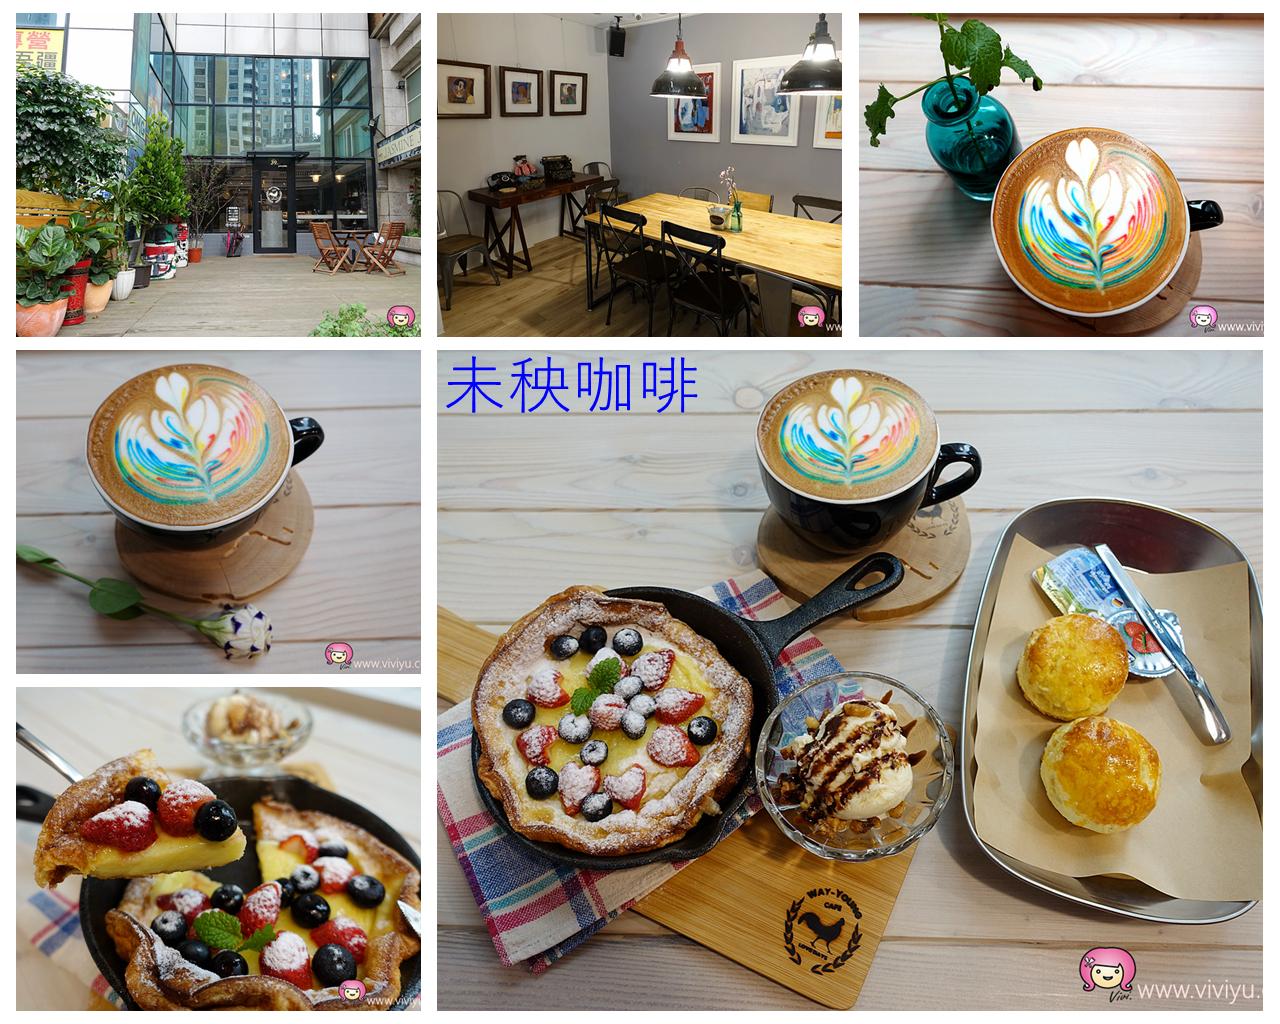 [桃園美食]藝文特區美食餐廳懶人包 推薦甜點.下午茶.點心.排隊美食一次收錄(持續更新) @VIVIYU小世界